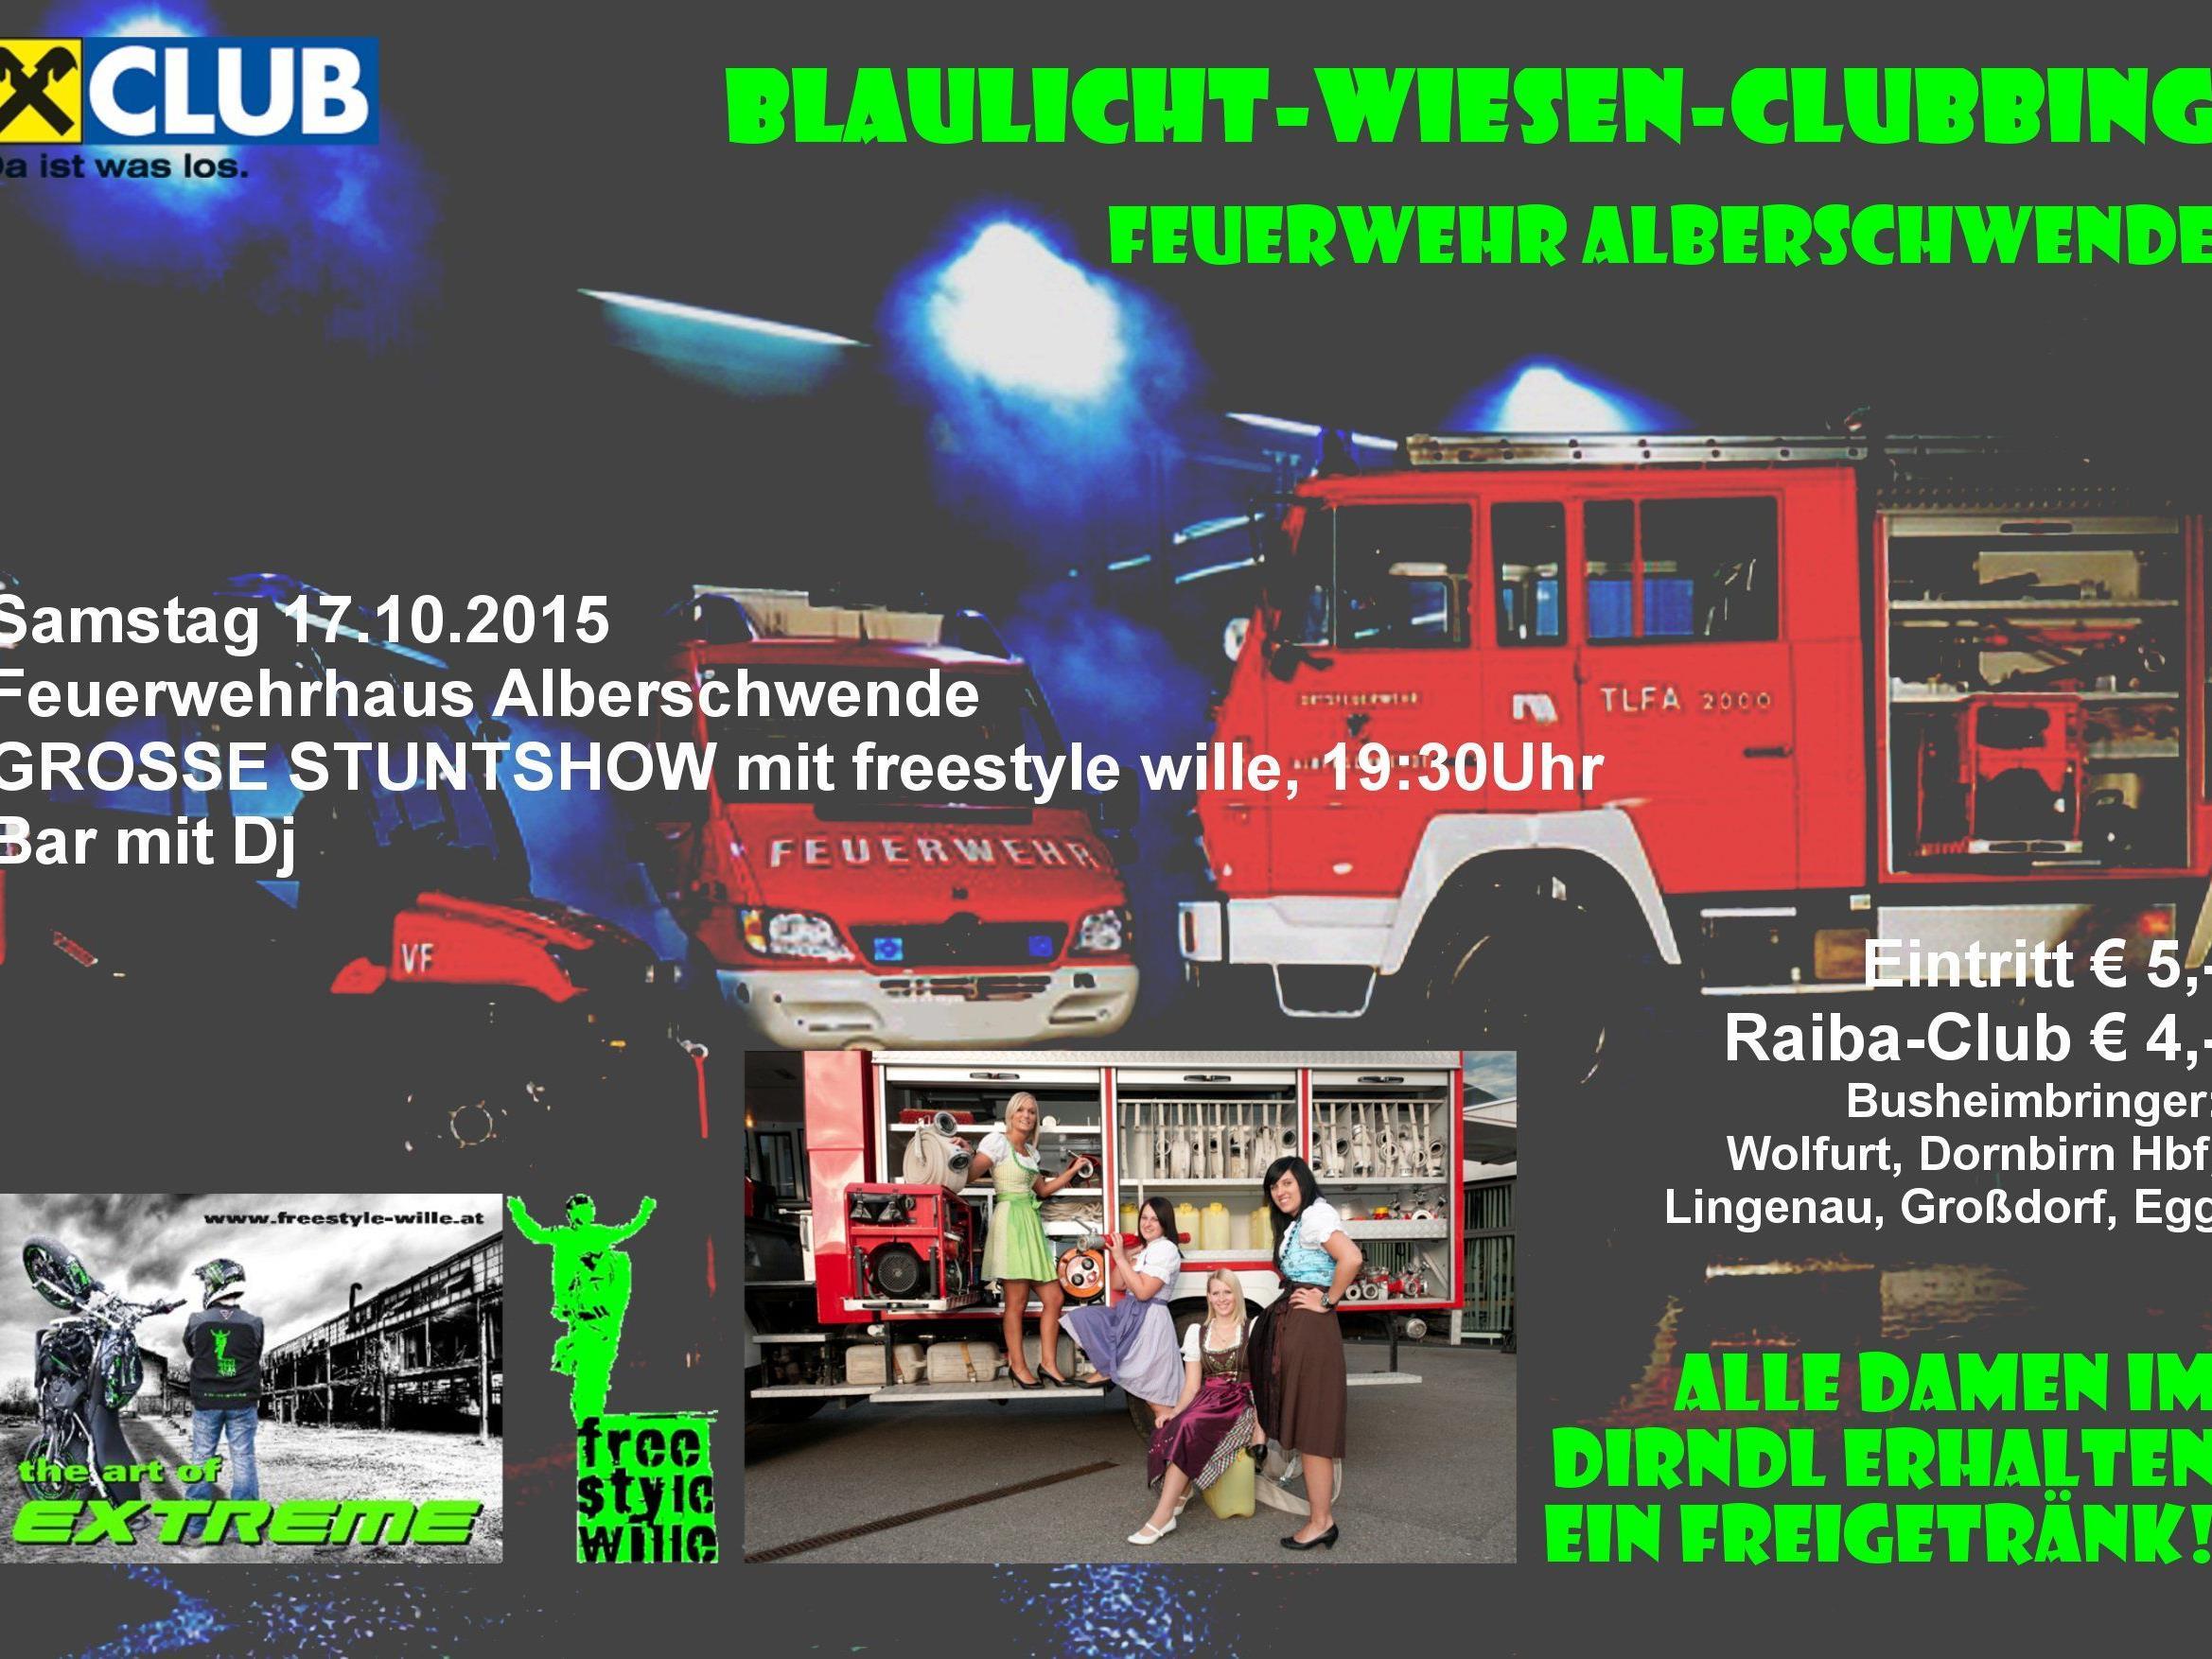 Blaulicht-Wiesen-Clubbing 2015